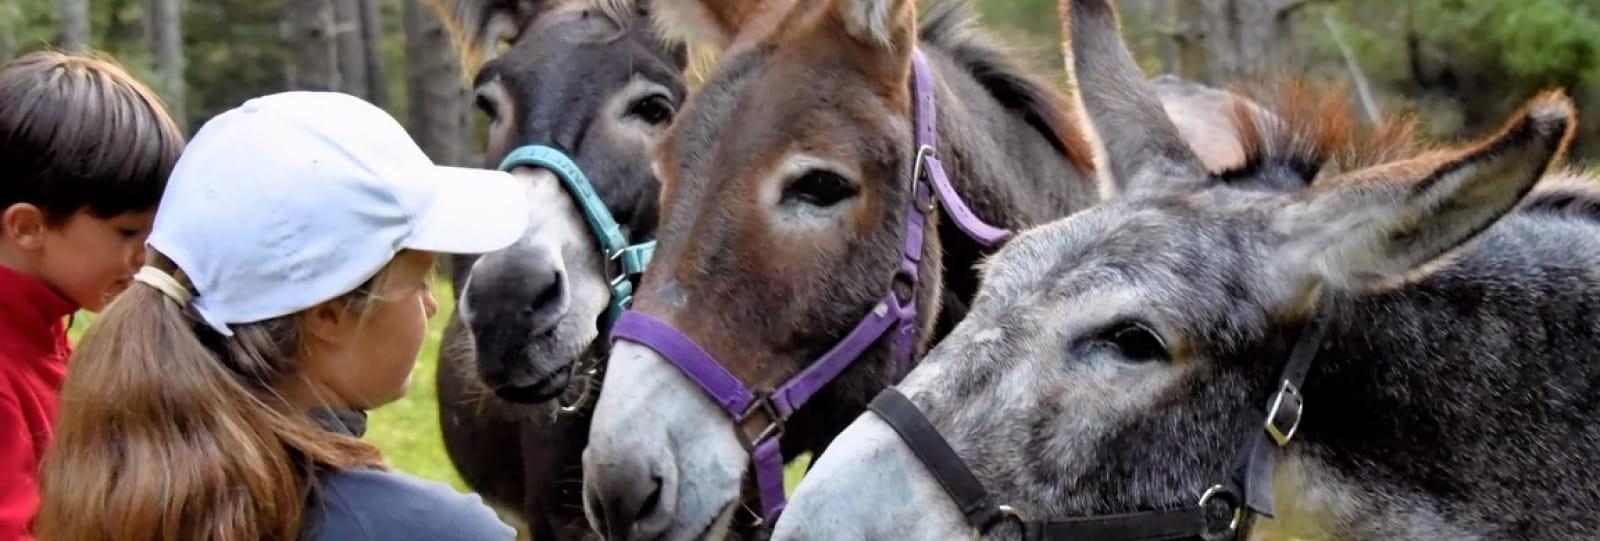 Balade avec les ânes autour de Luc-en-Diois avec Vercors Escapade